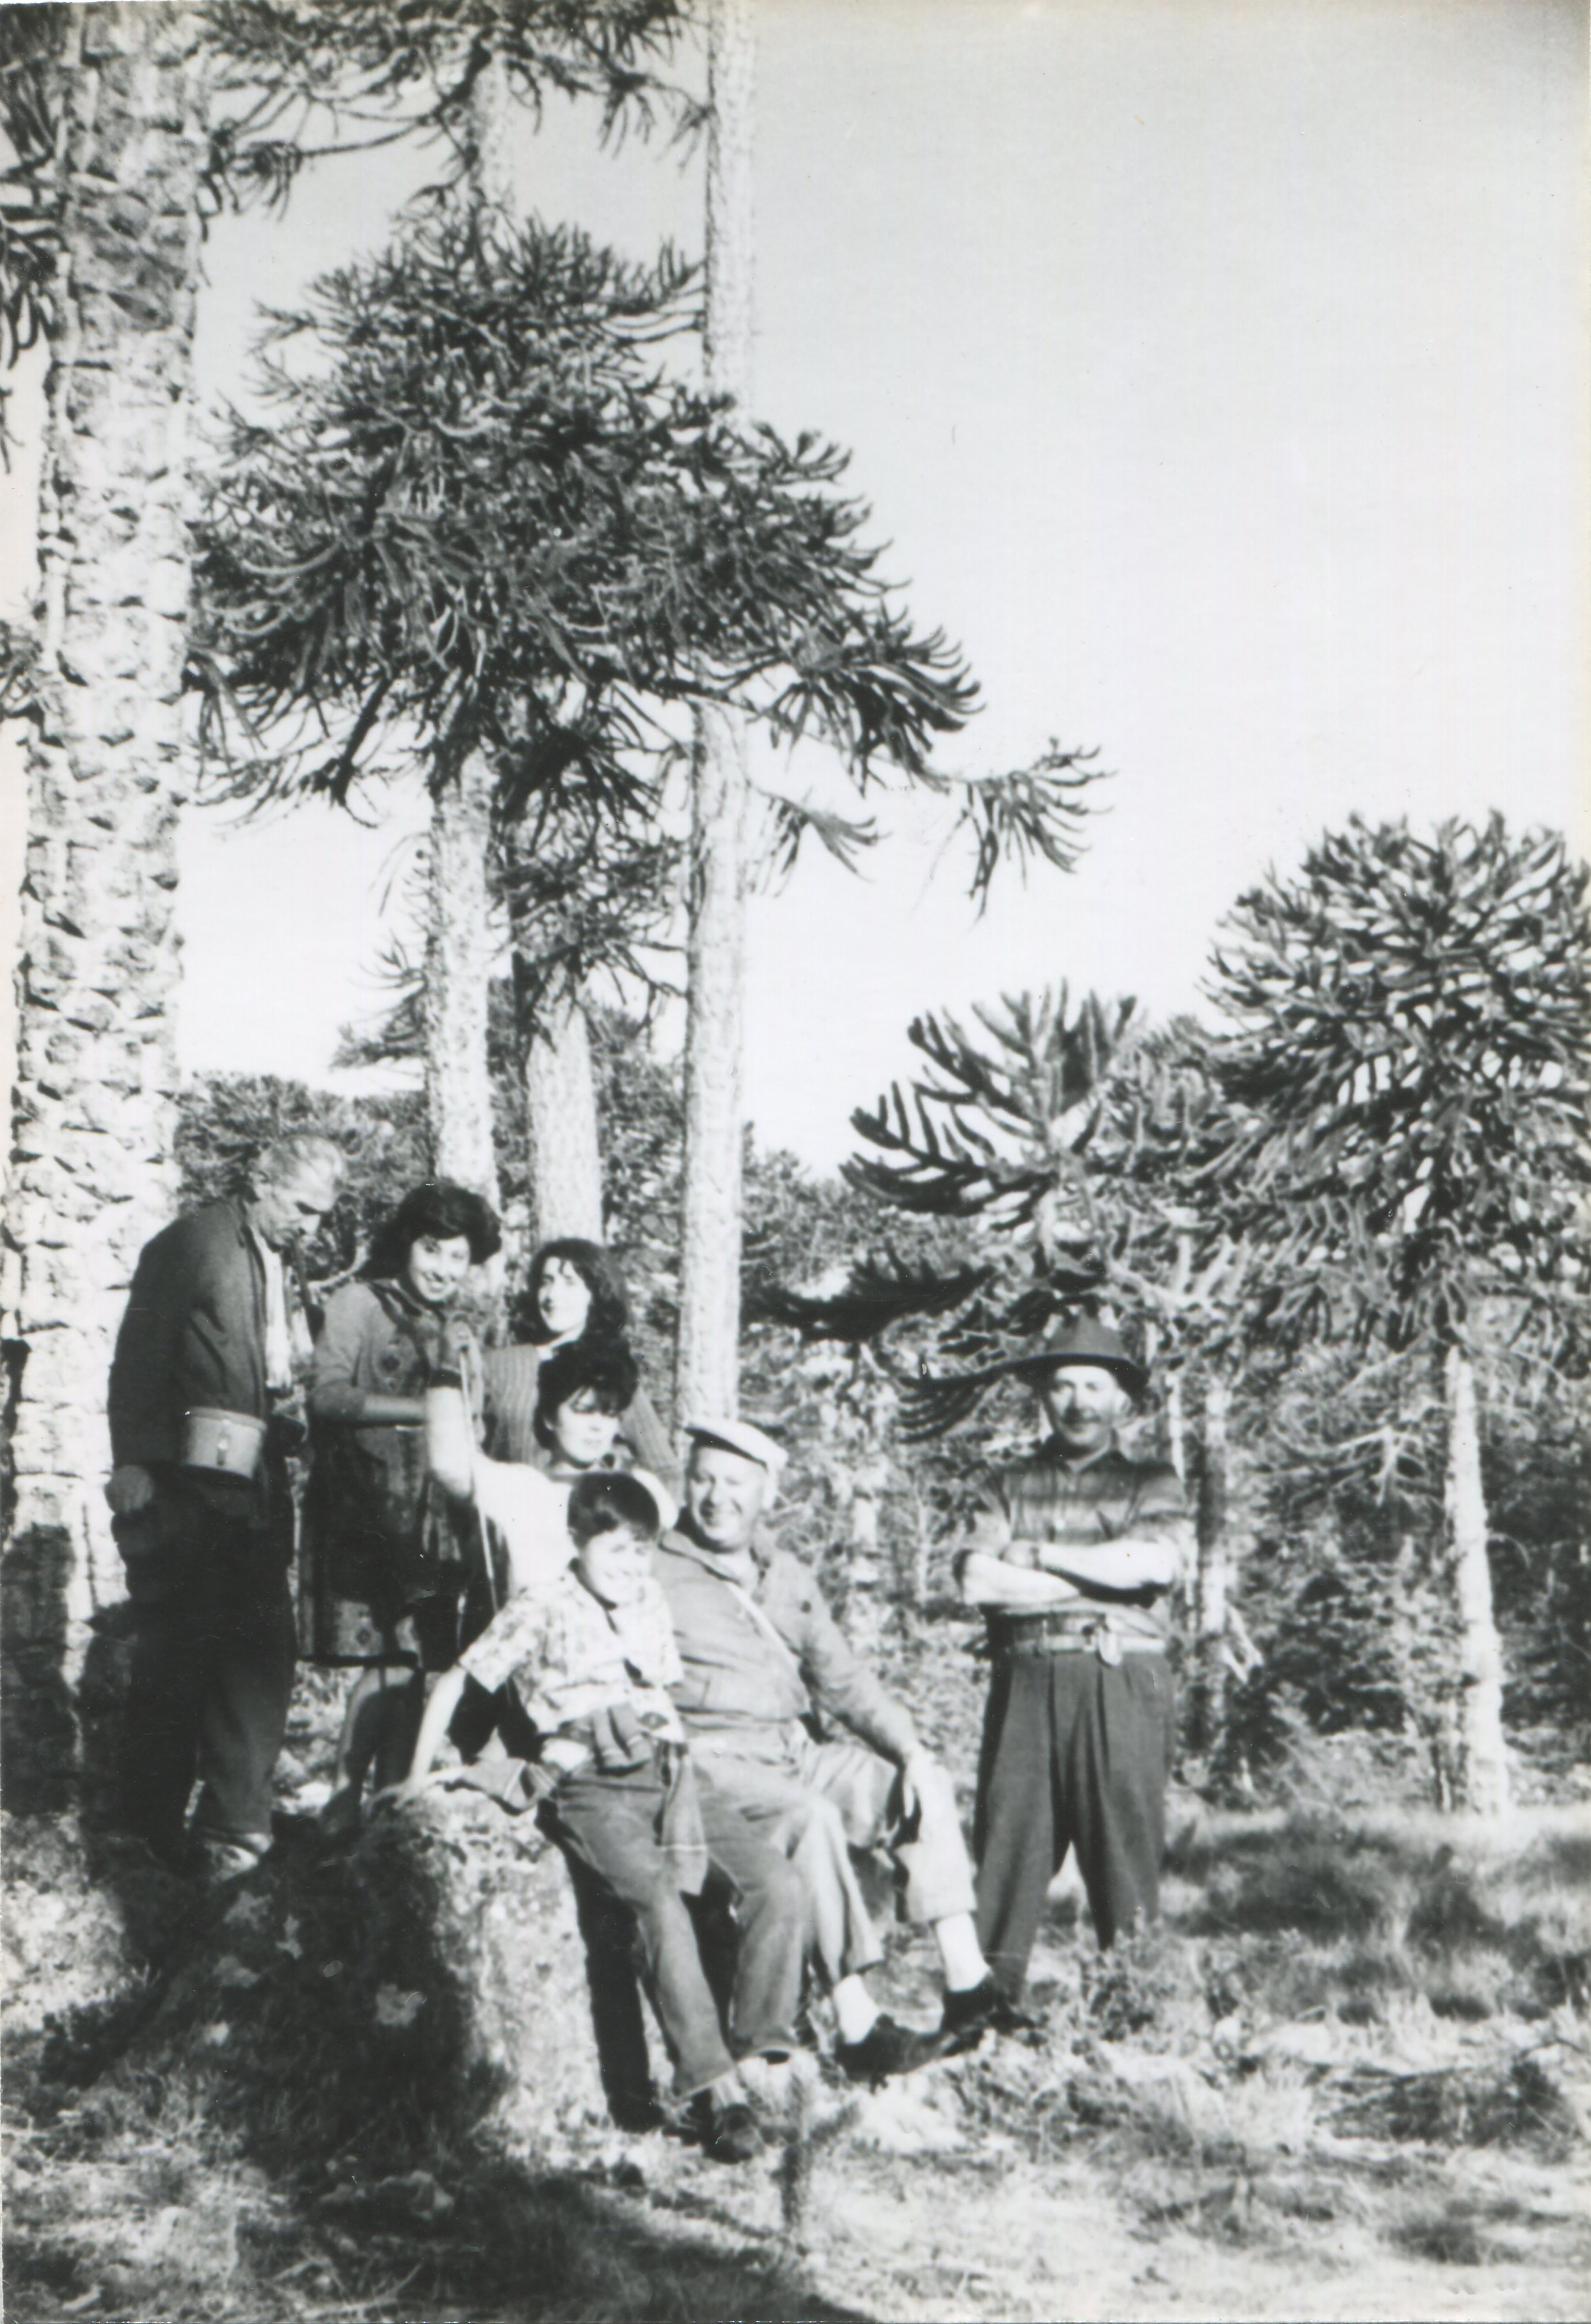 Enterreno - Fotos históricas de chile - fotos antiguas de Chile - Familia en Cordillera de Nahuelbuta, años 50s